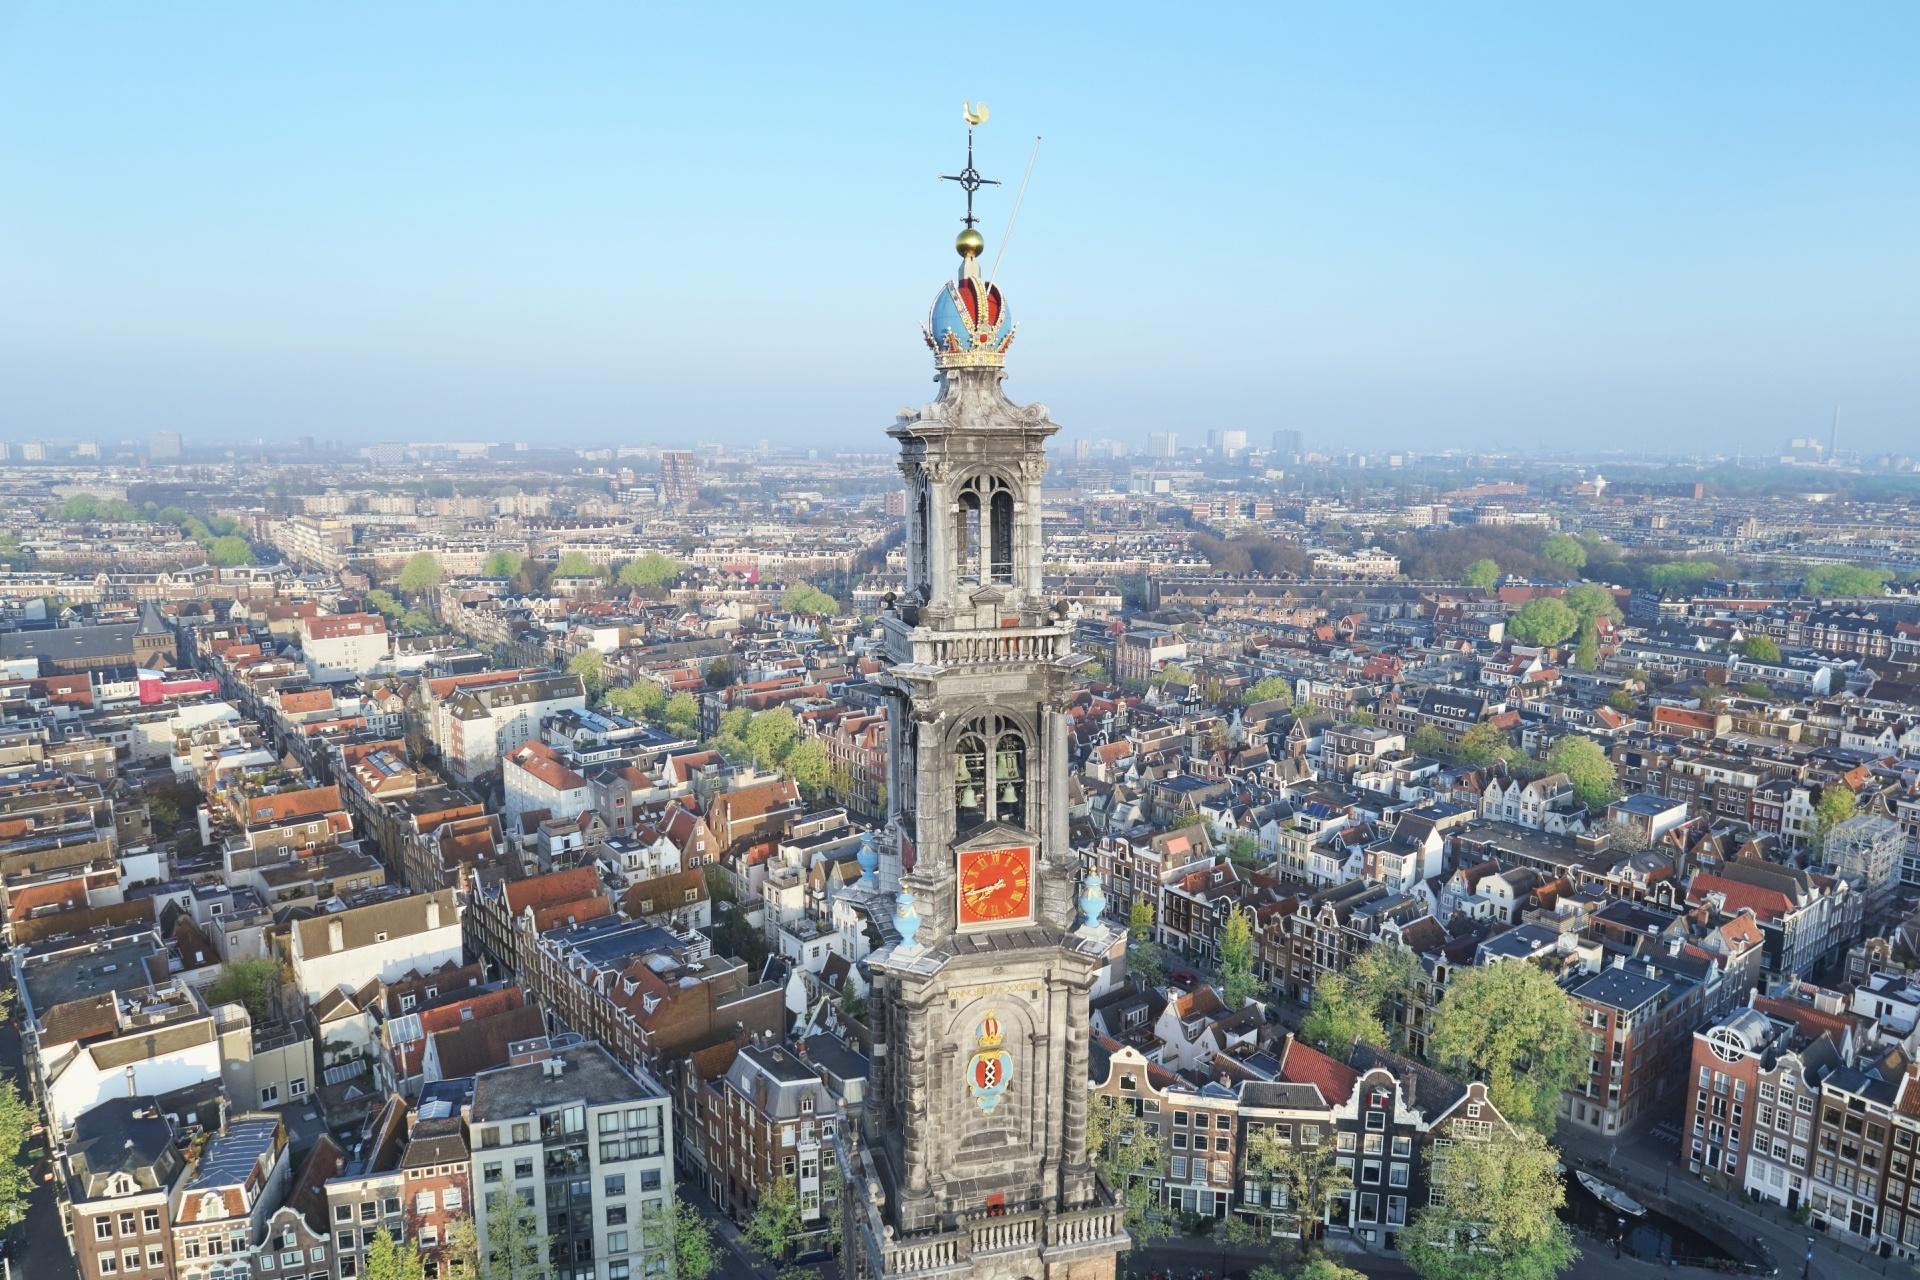 アムステルダムの風景 オランダの風景